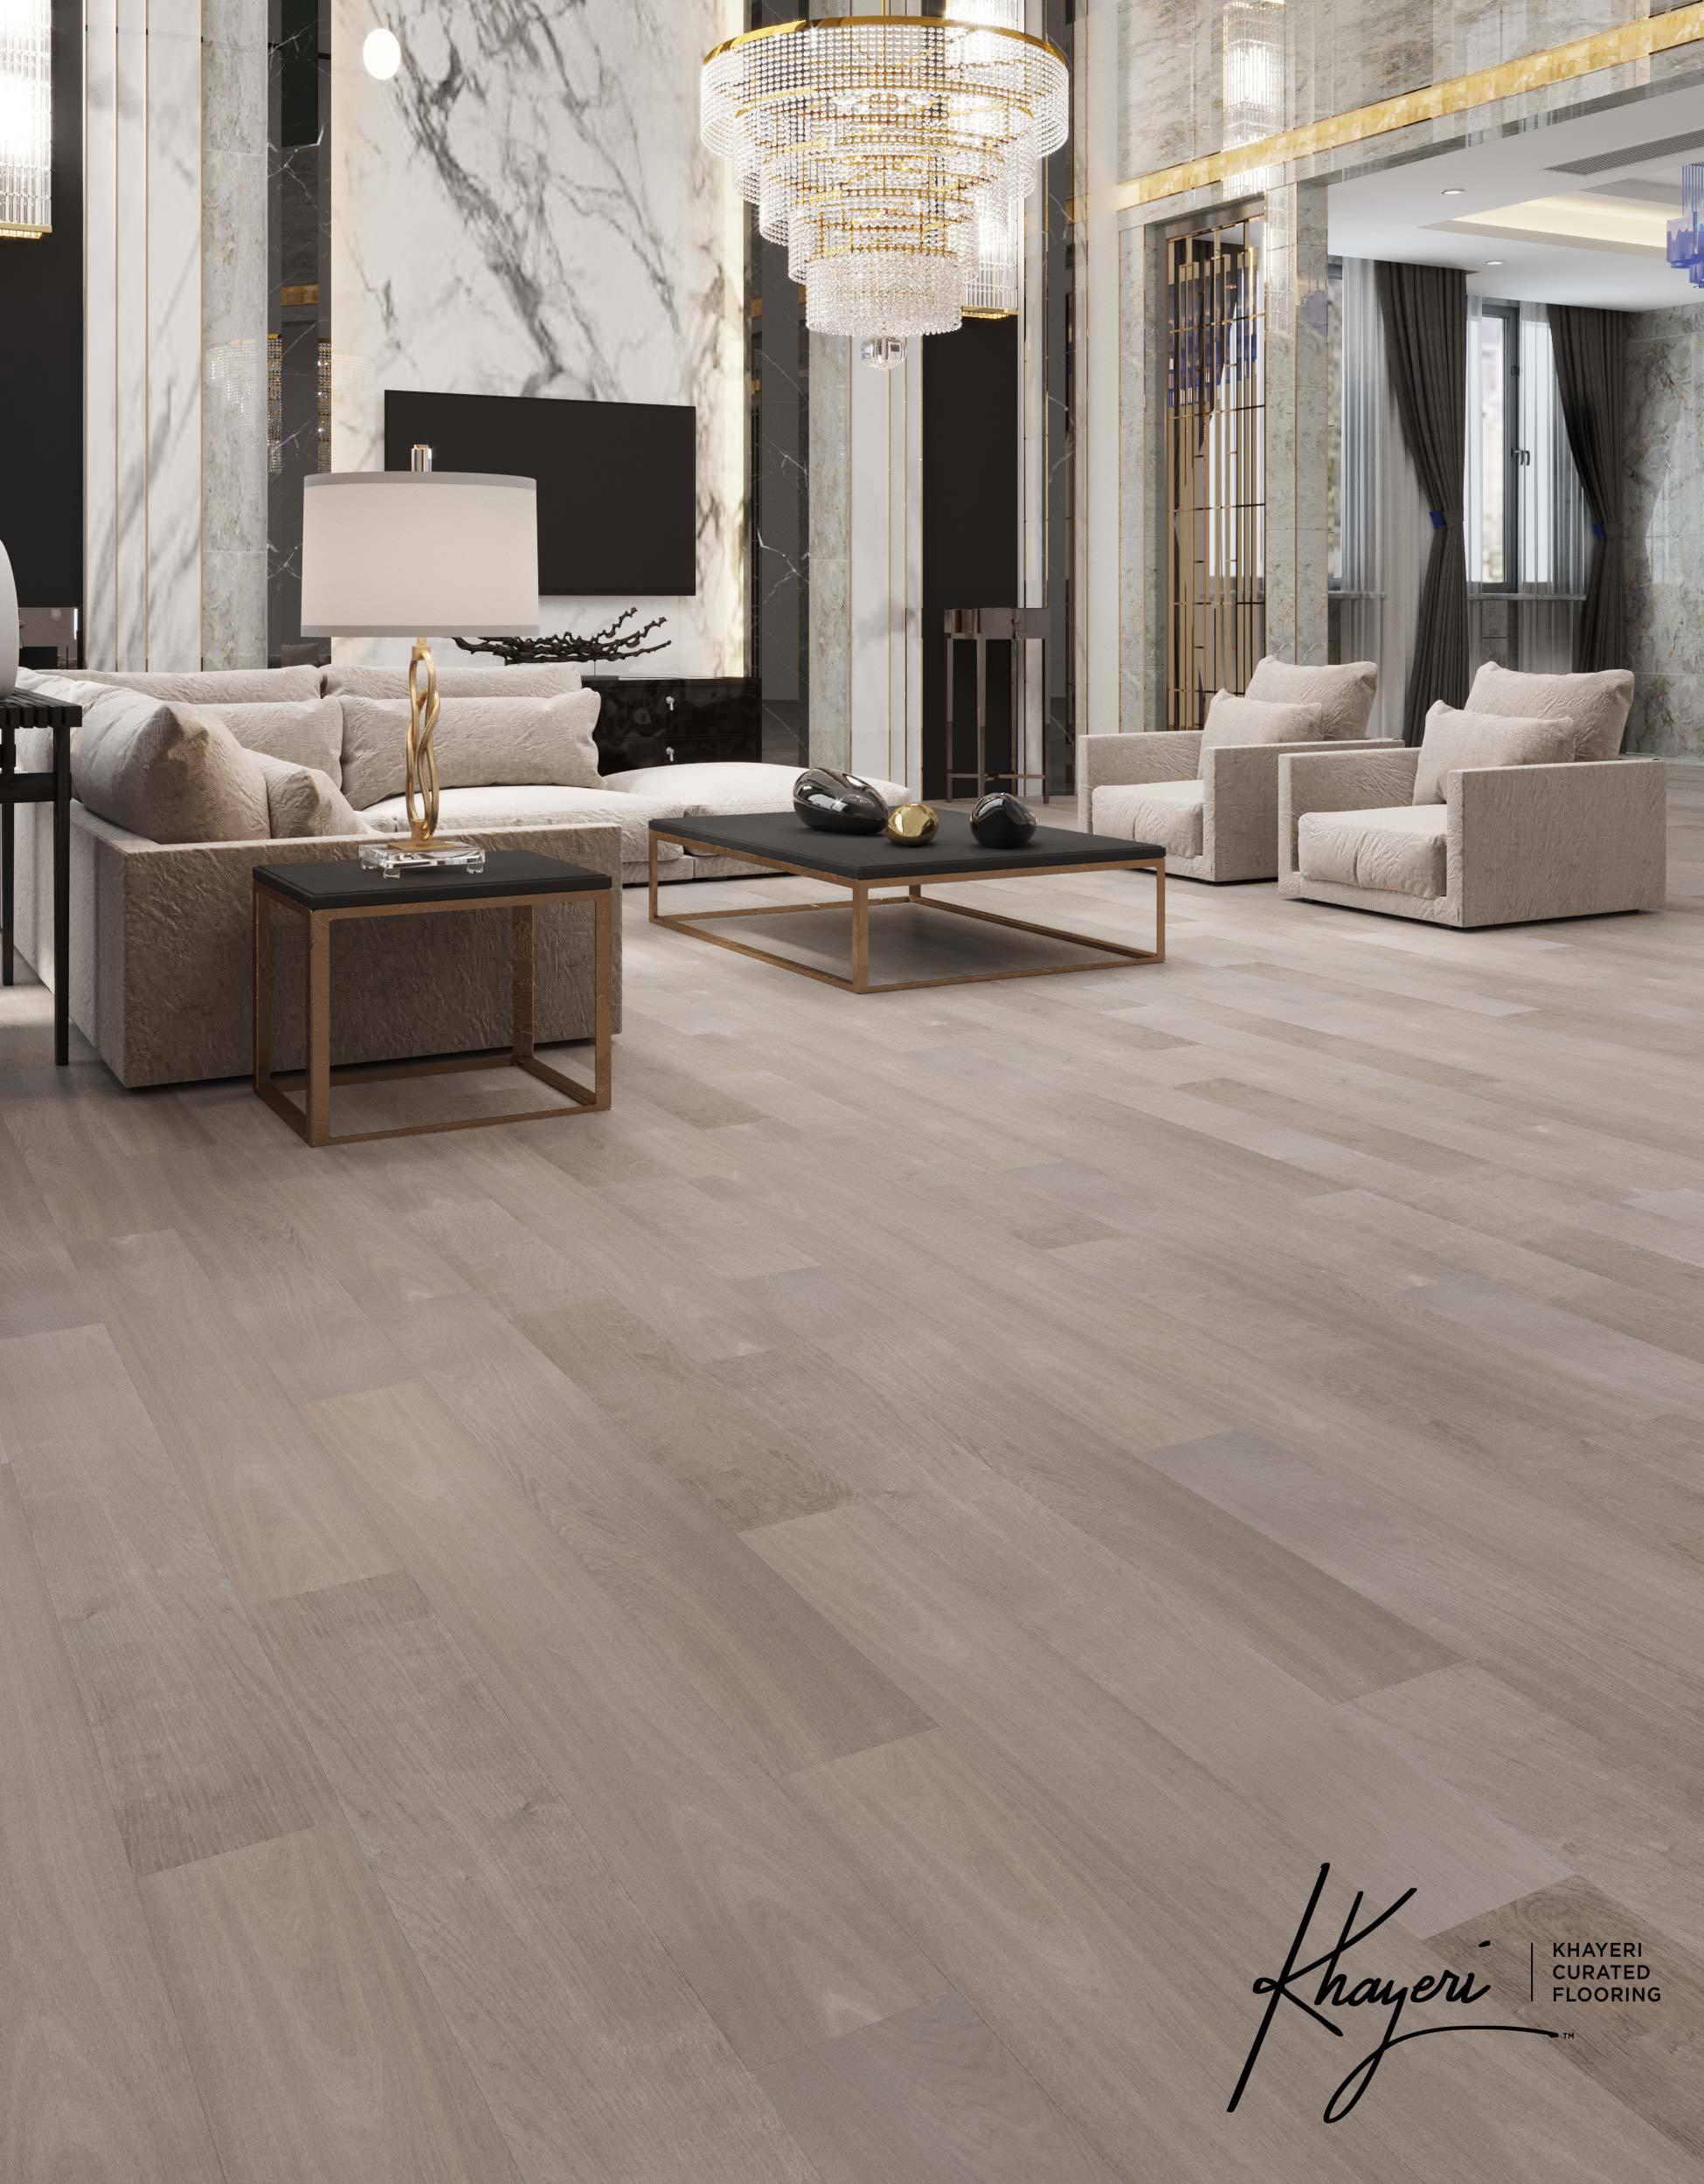 Khayeri Curated Flooring